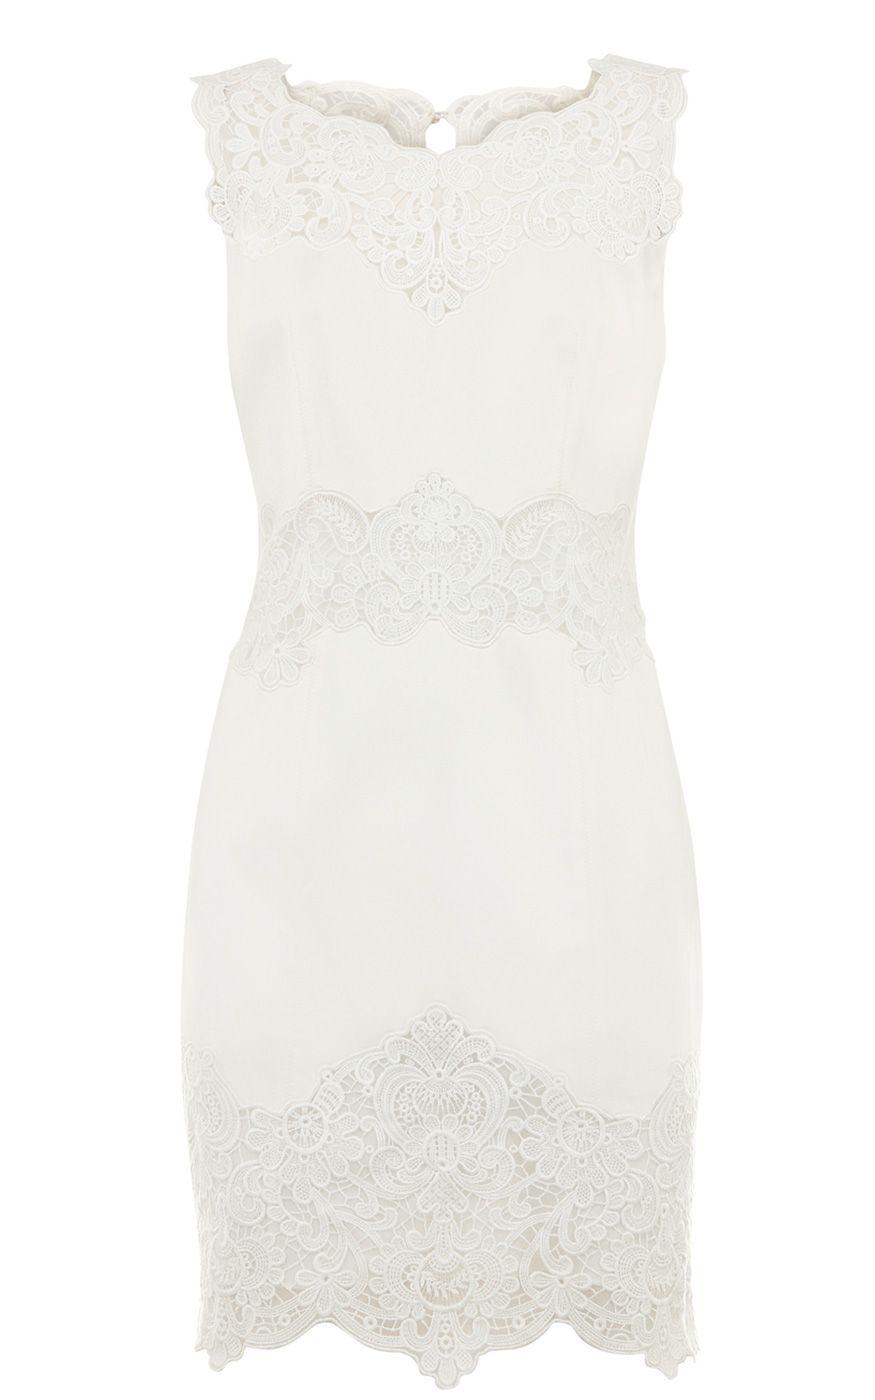 007bfe867d8 Karen Millen Cotton lace panel Dress White